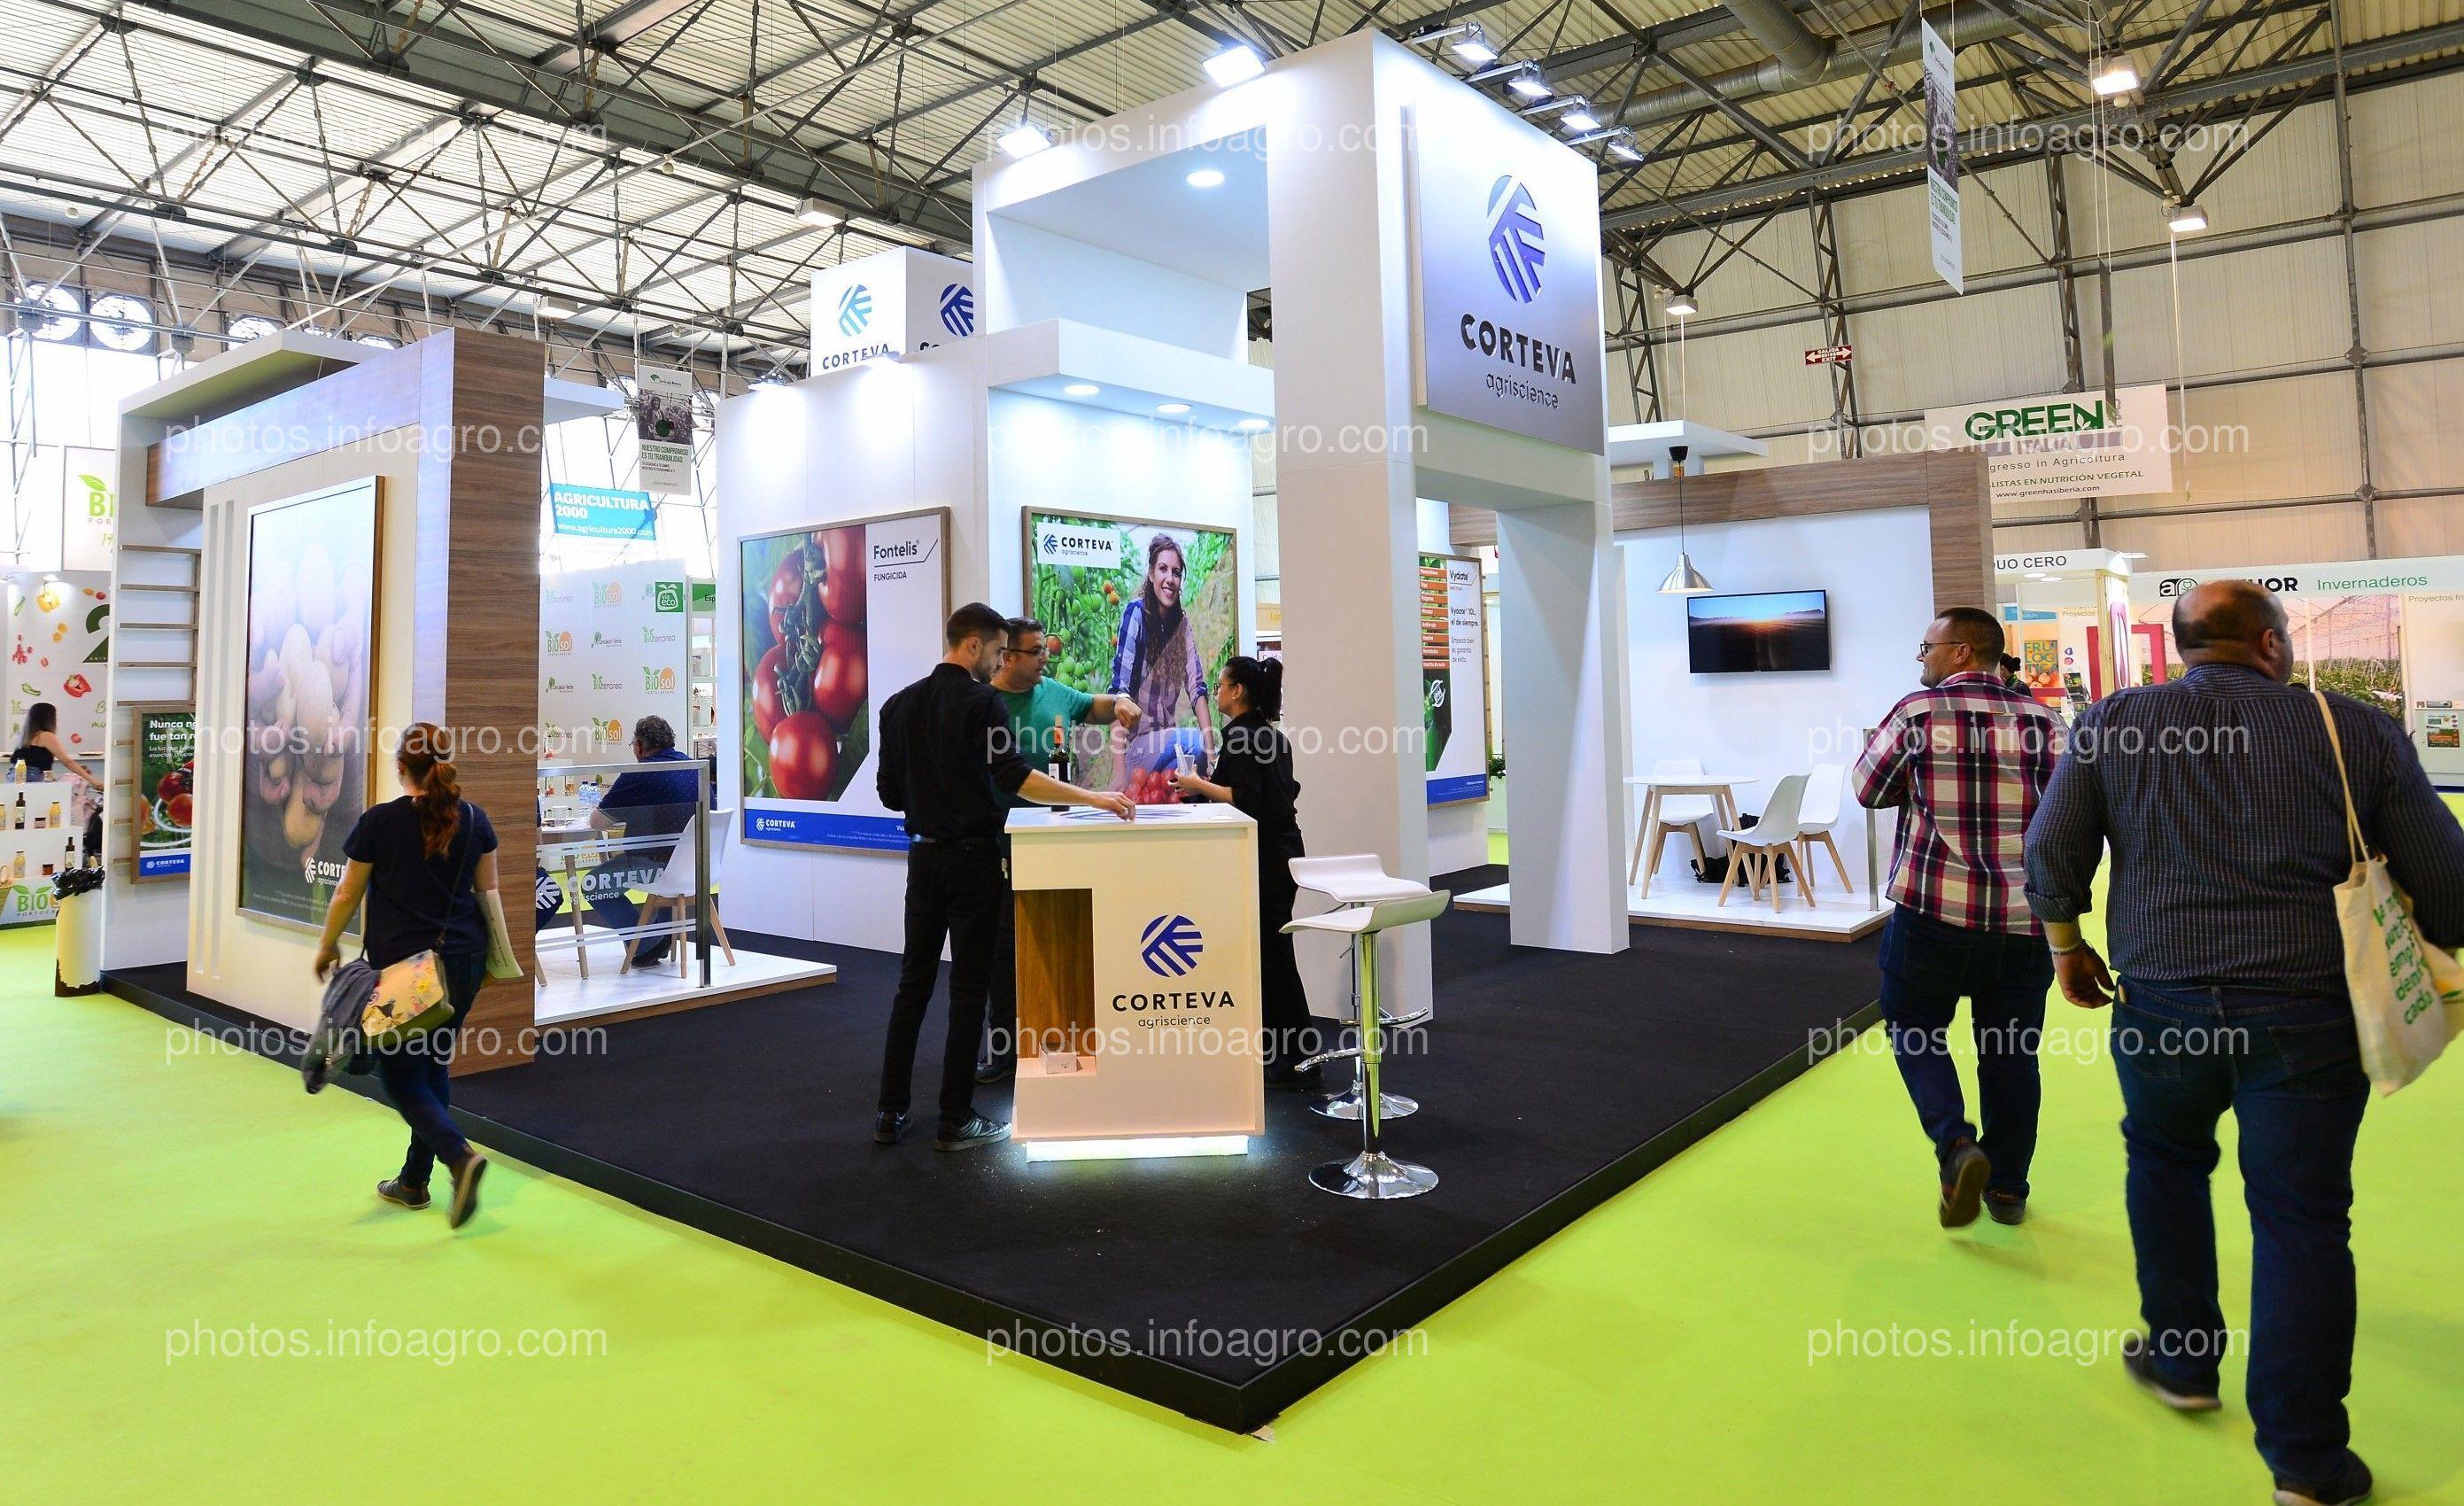 Corteva - Stand Infoagro Exhibition